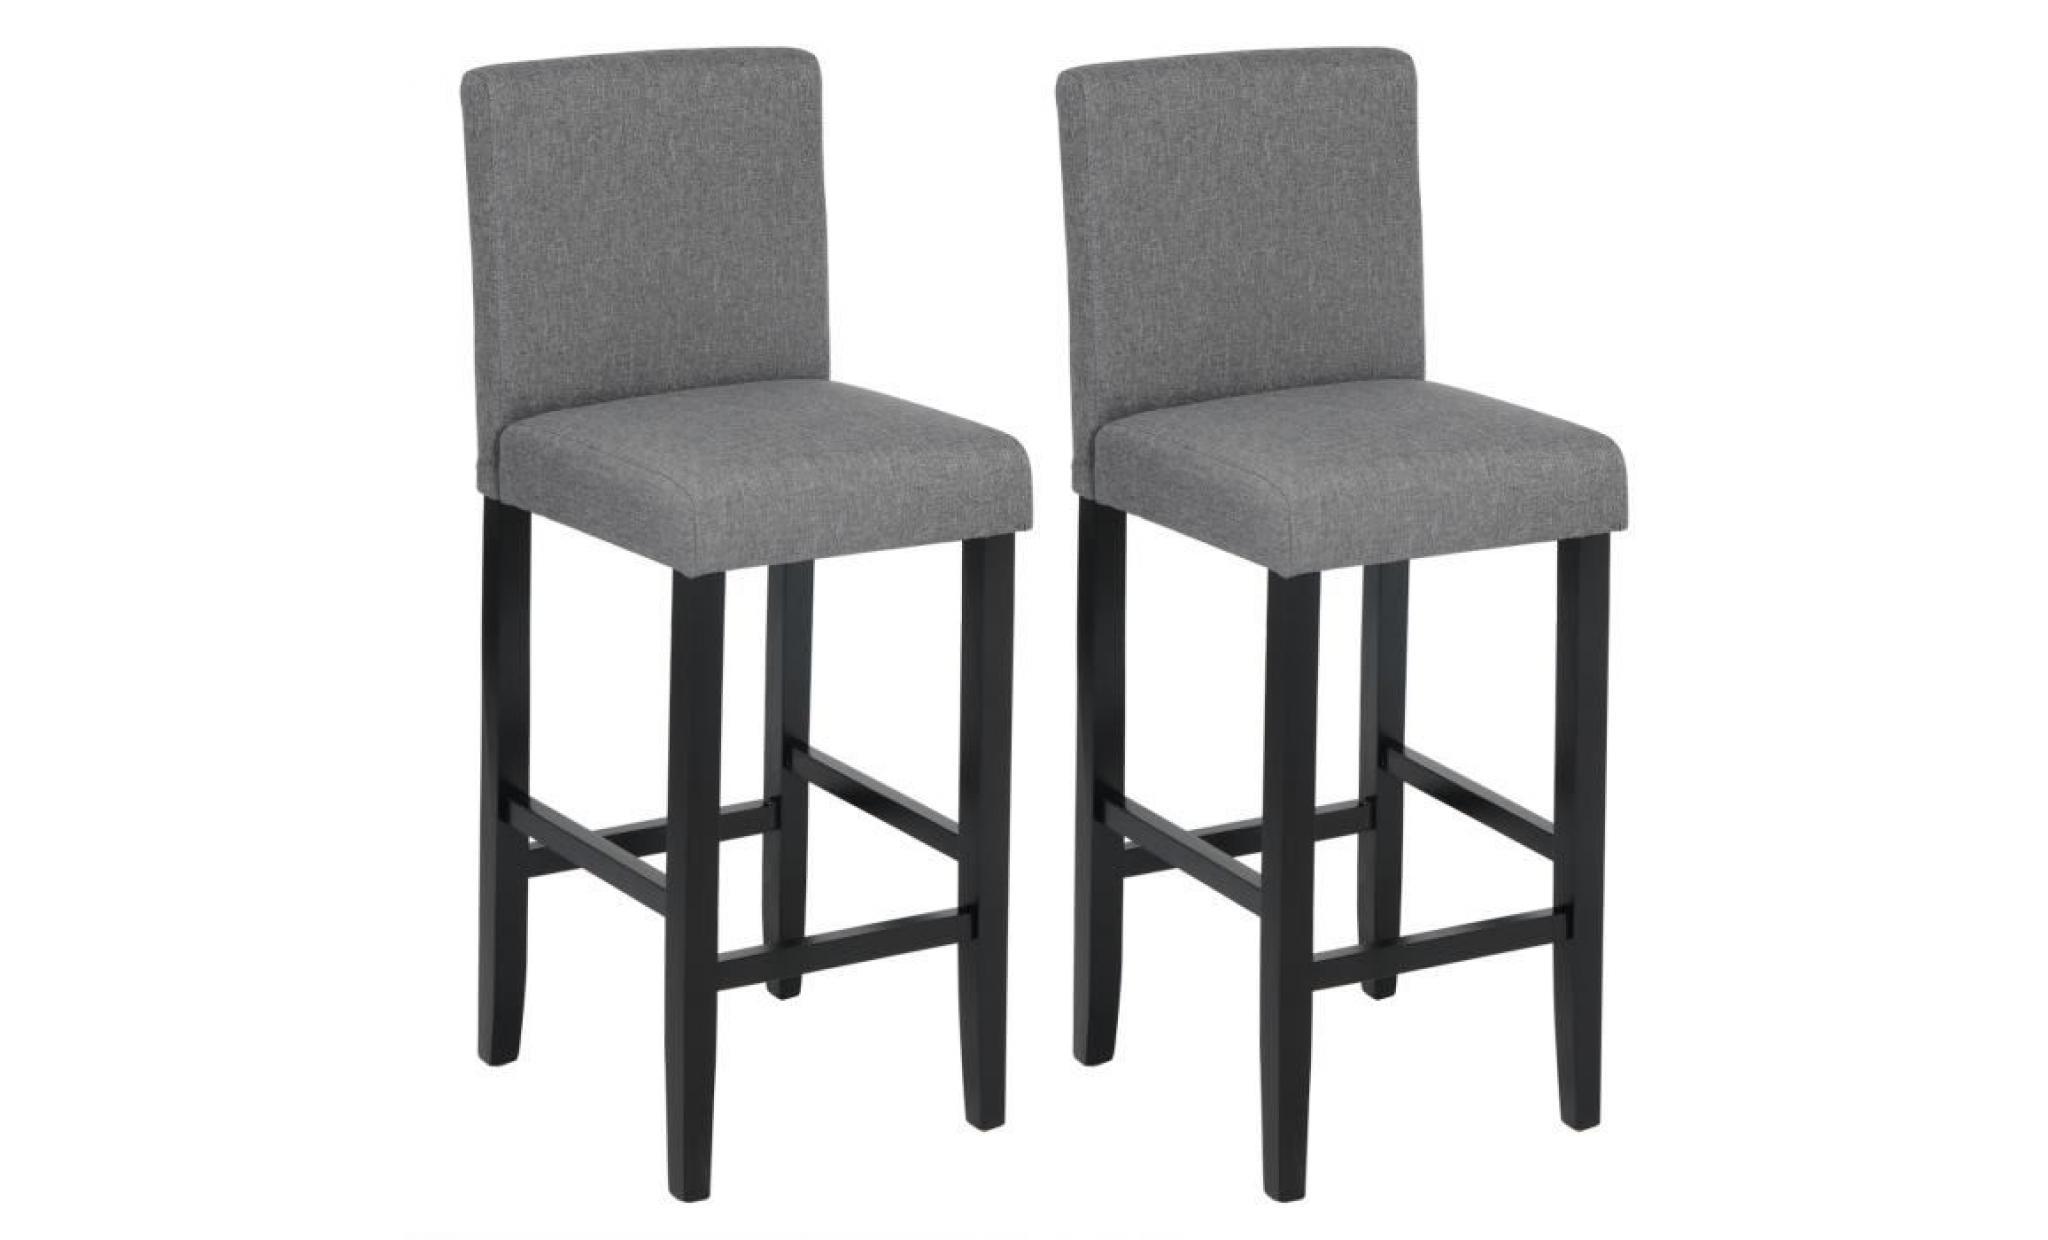 woltu 2 x tabouret de bar avec repose pieds en bois,chaise avec dossier en lin, 41 x 43 x 110cm,gris foncé